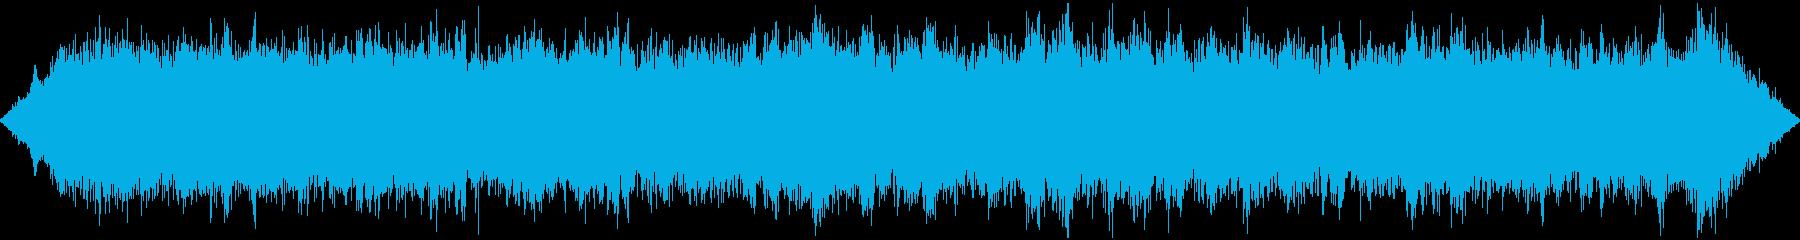 ダークアンビエント_04 ホラーな館の再生済みの波形